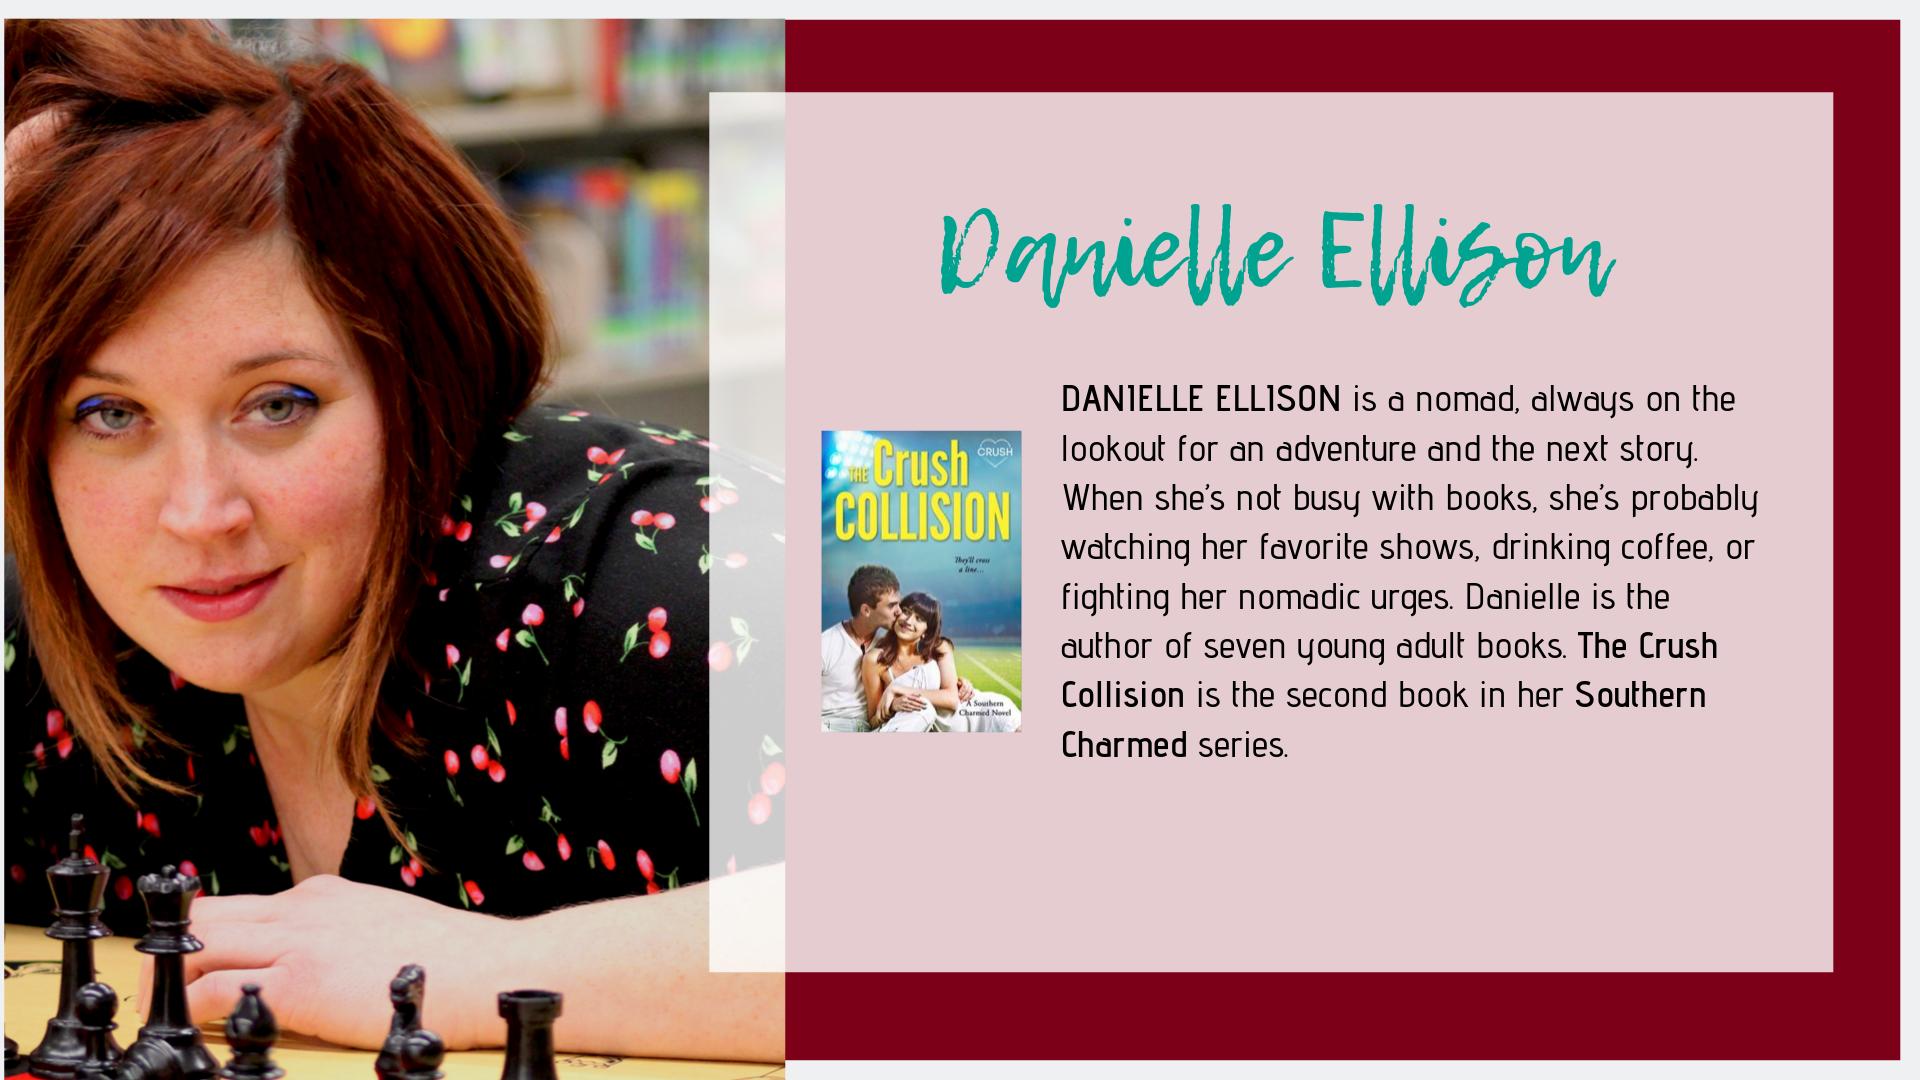 Danielle Ellison